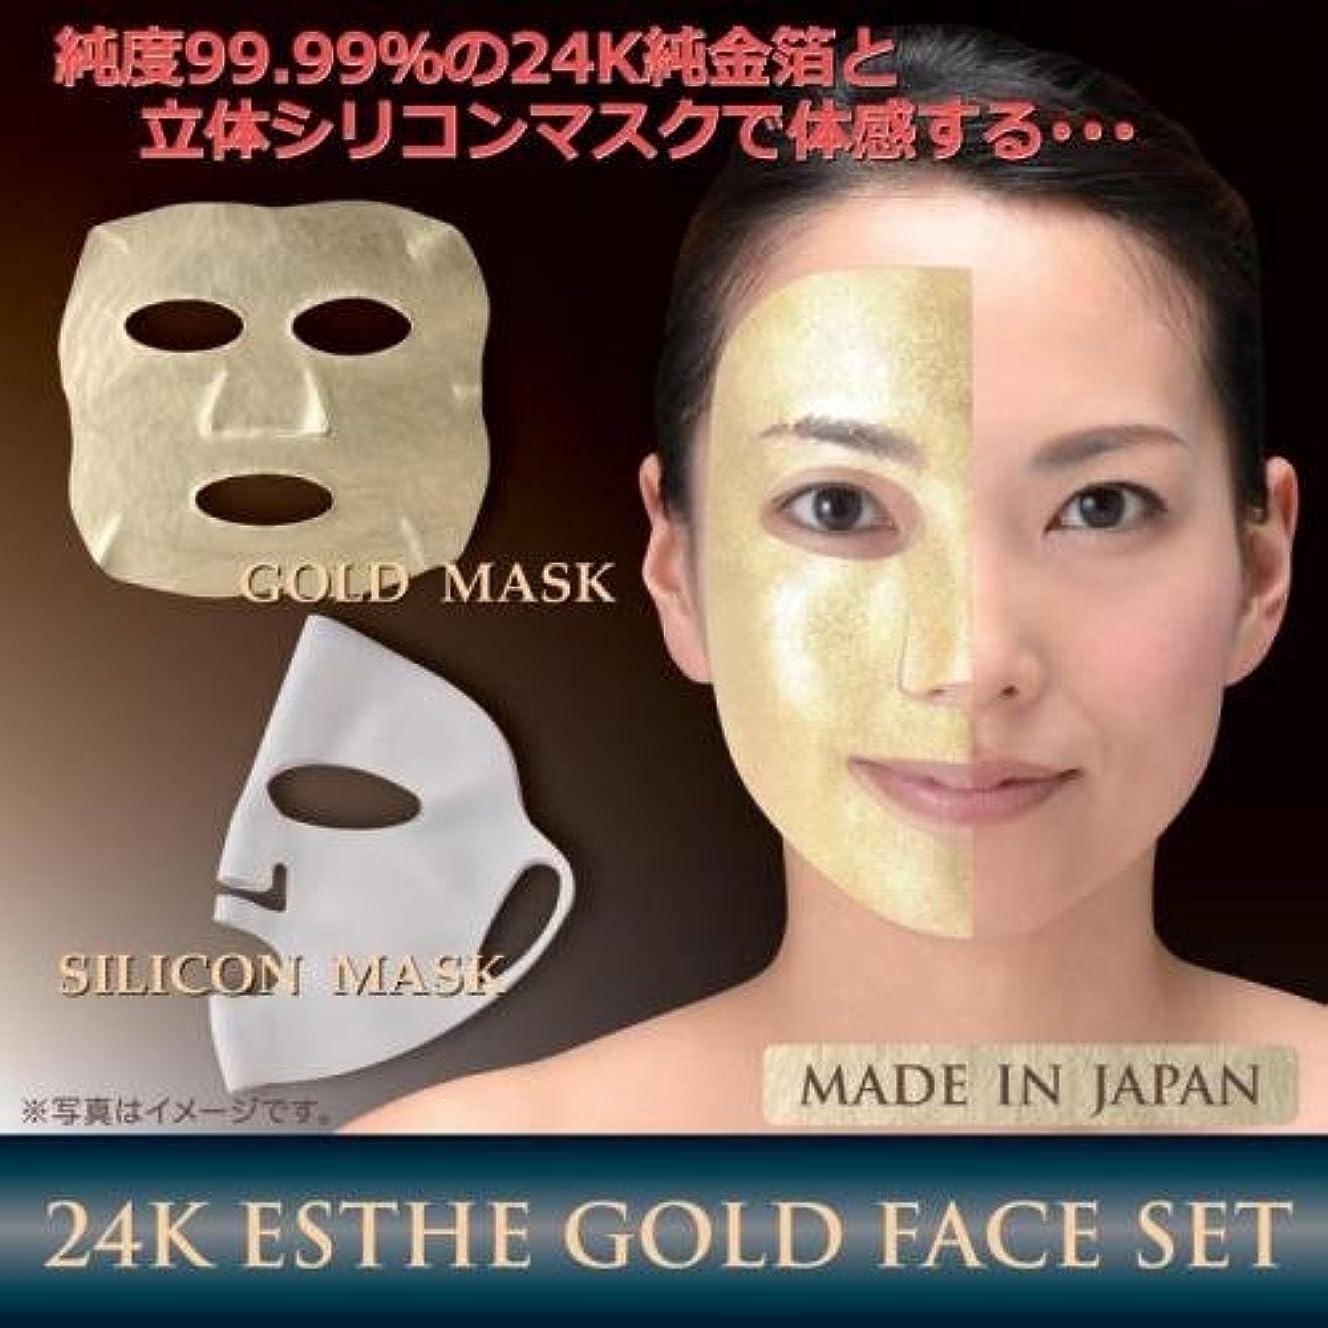 地上のピケ階下後藤 24K エステゴールドフェイス セット 金箔マスク×1、シリコンマスク×1